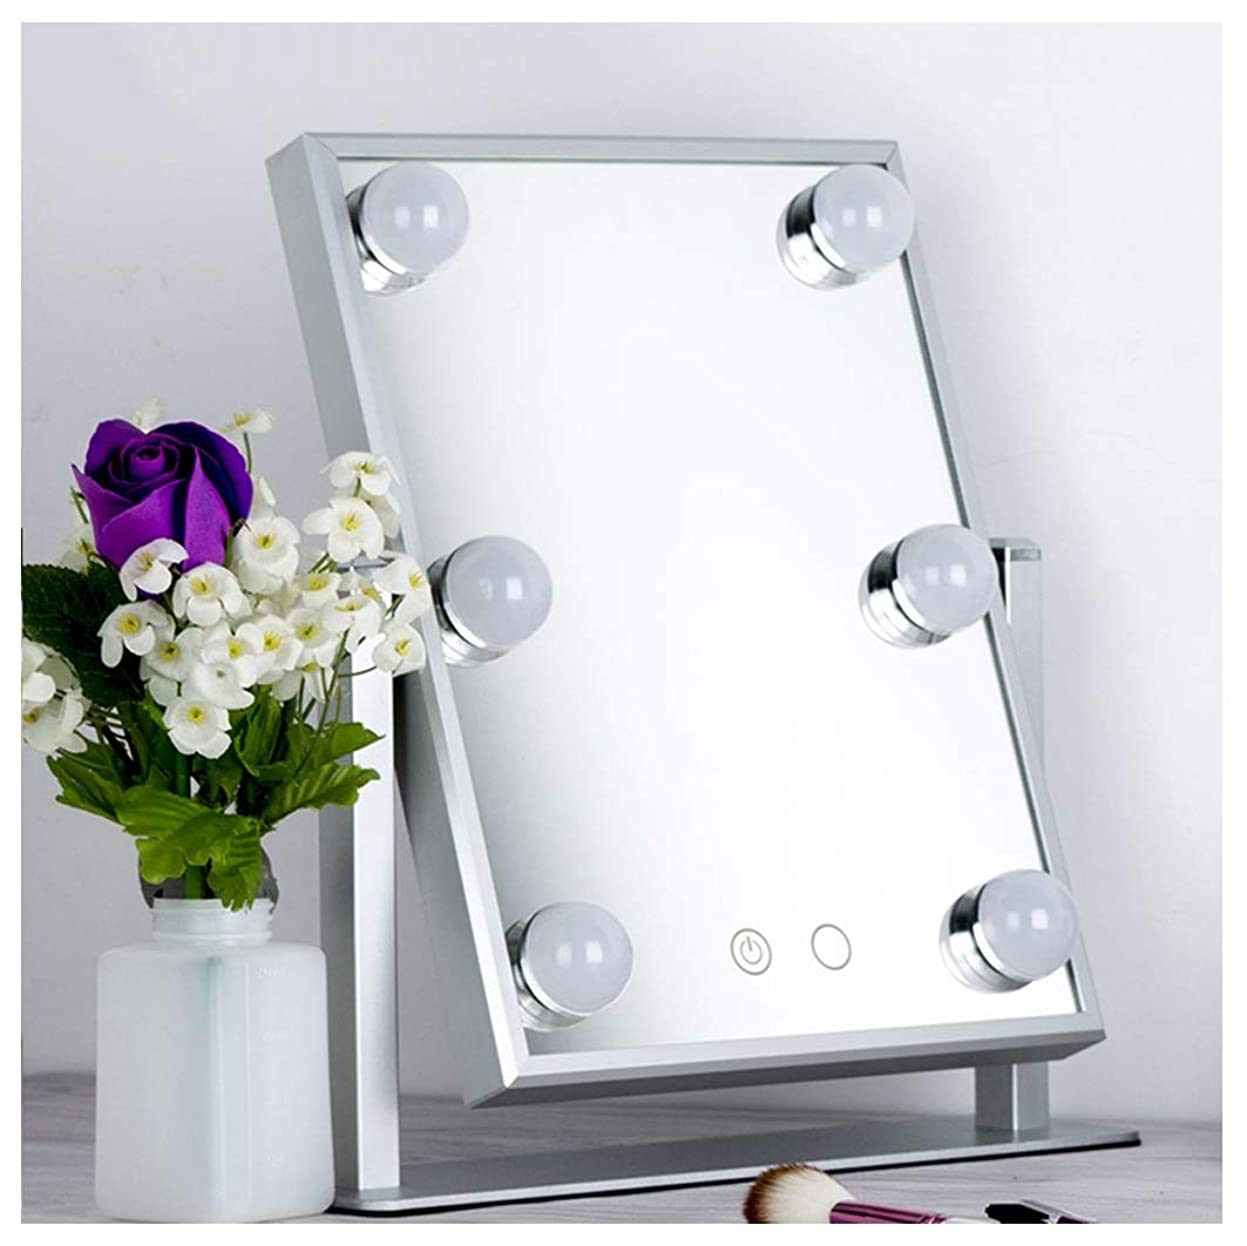 腐敗した山岳クックGSN 電球美容鏡HDデスクトップグローイングバニティミラー360°回転化粧鏡ミラーシェービングミラーで導かれた 鏡 (Color : Silver)